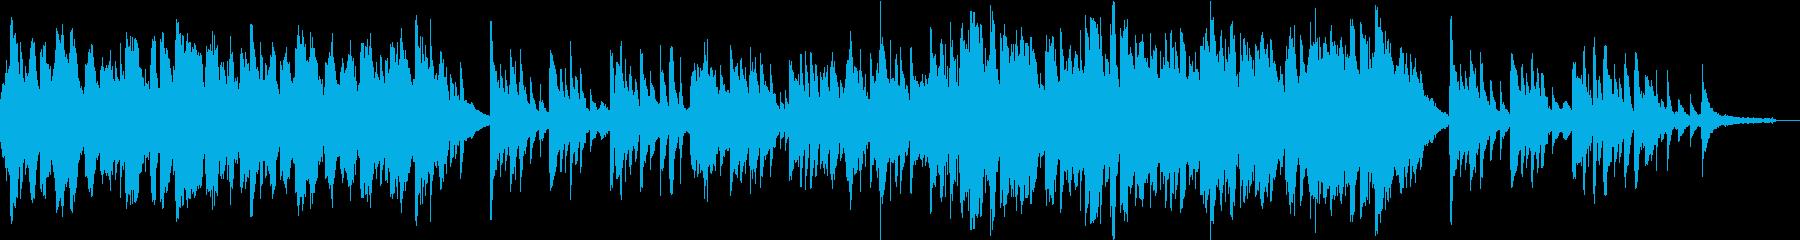 二胡と琴、ピアノのしっとりと切ないBGMの再生済みの波形